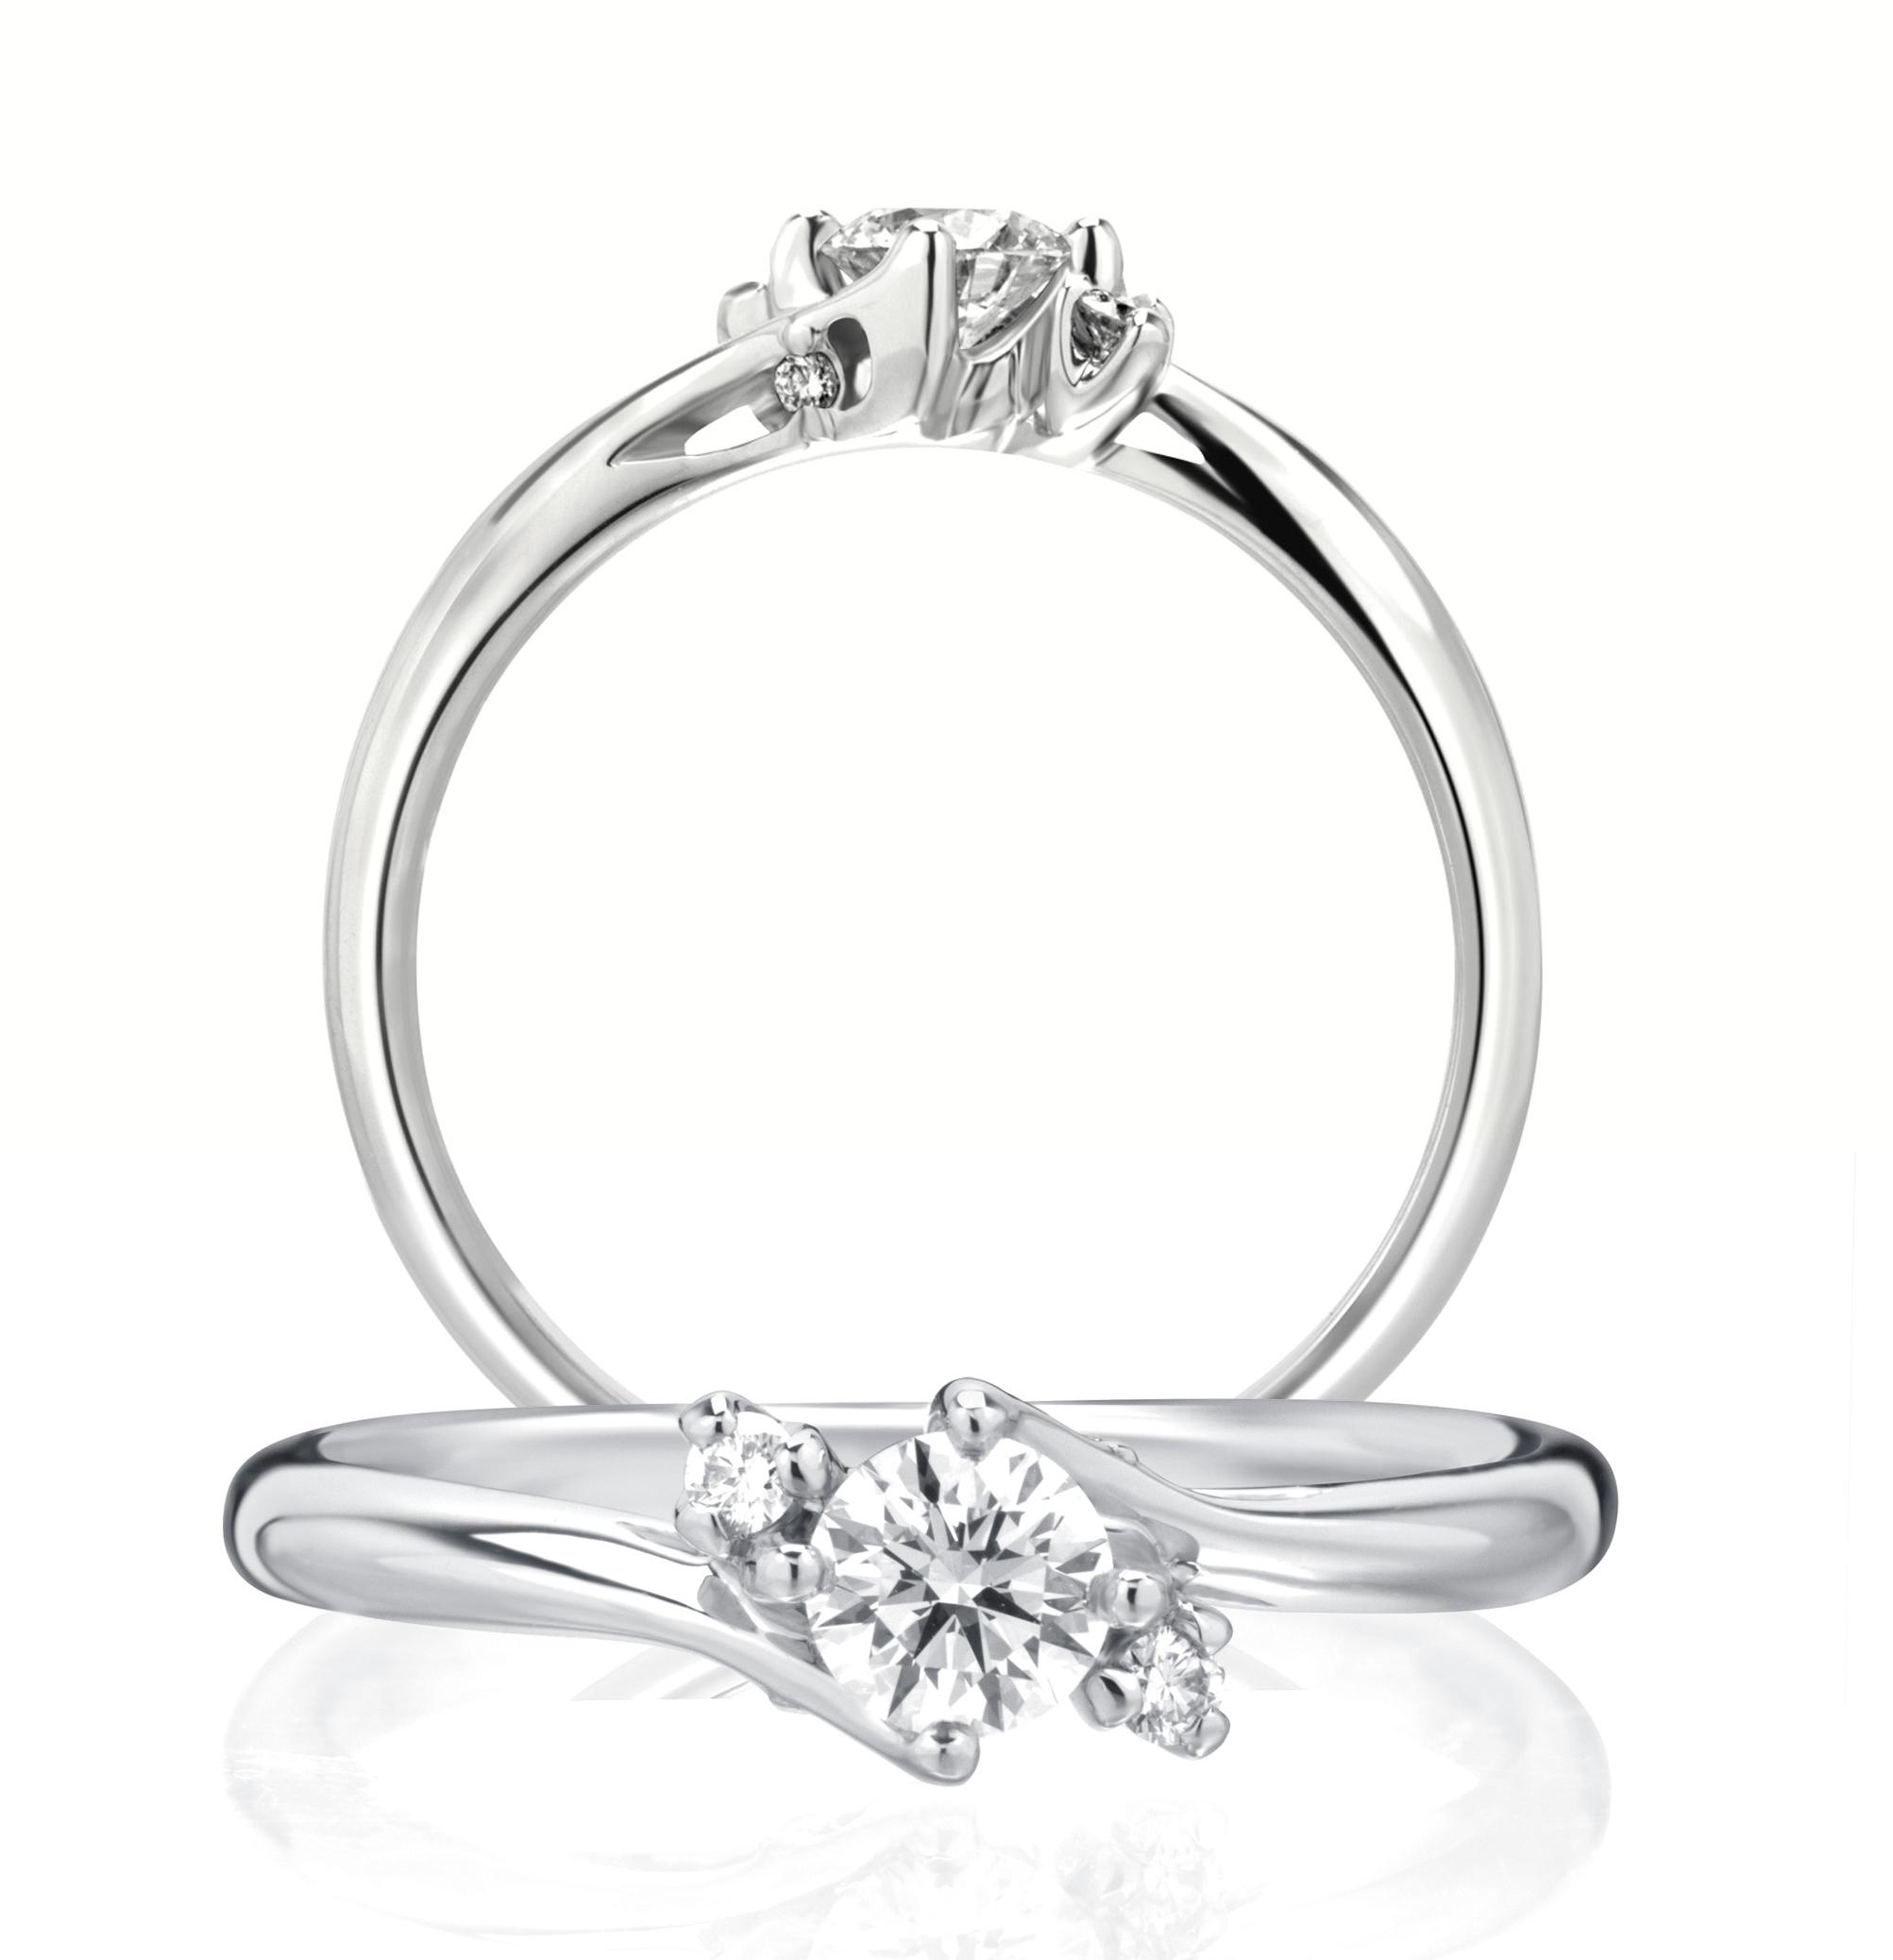 セントロフェリシタ新作婚約指輪「アワークローゼ」